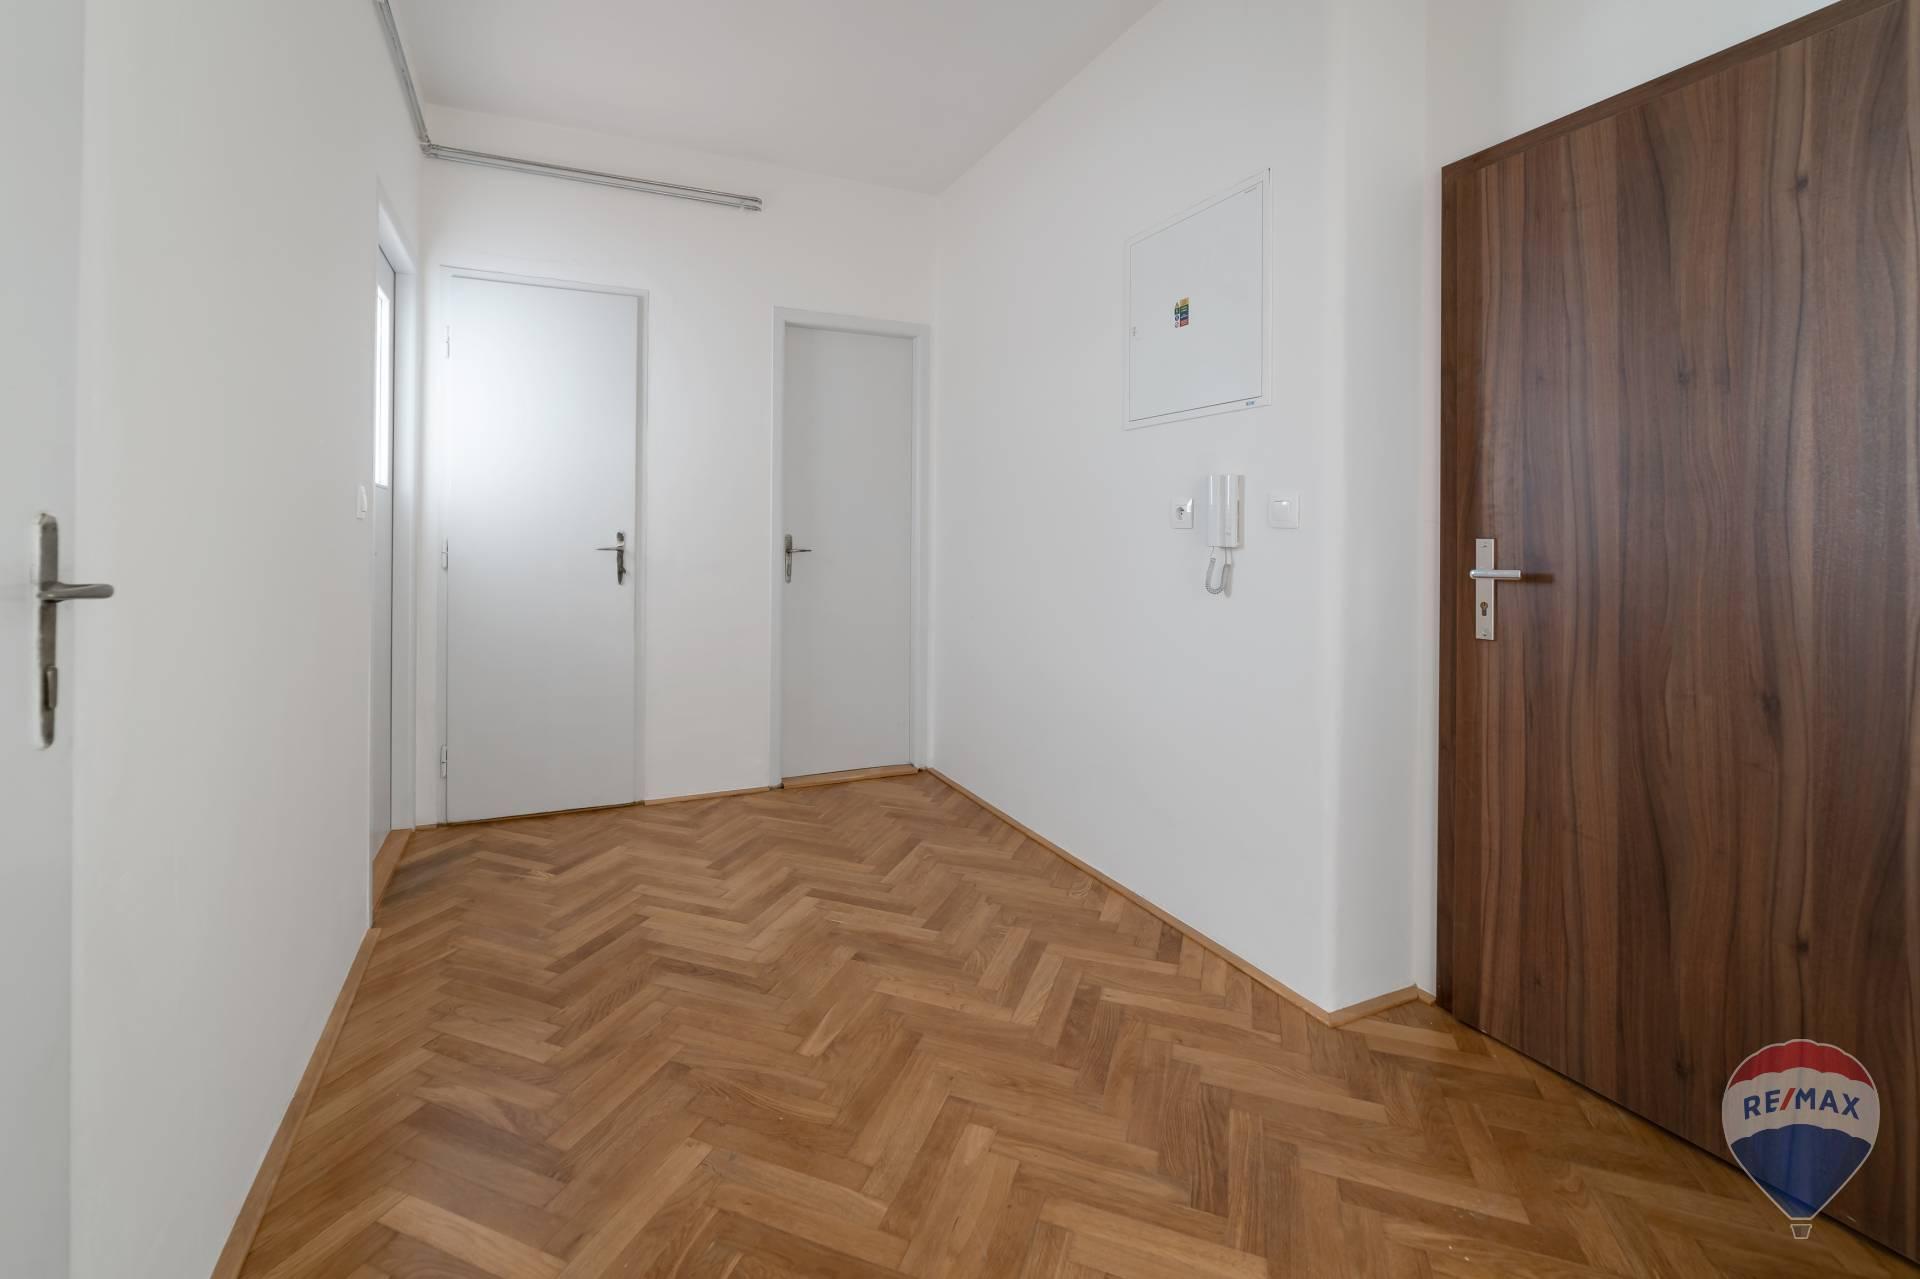 Prenájom komerčného priestoru 120 m2, Trenčín -